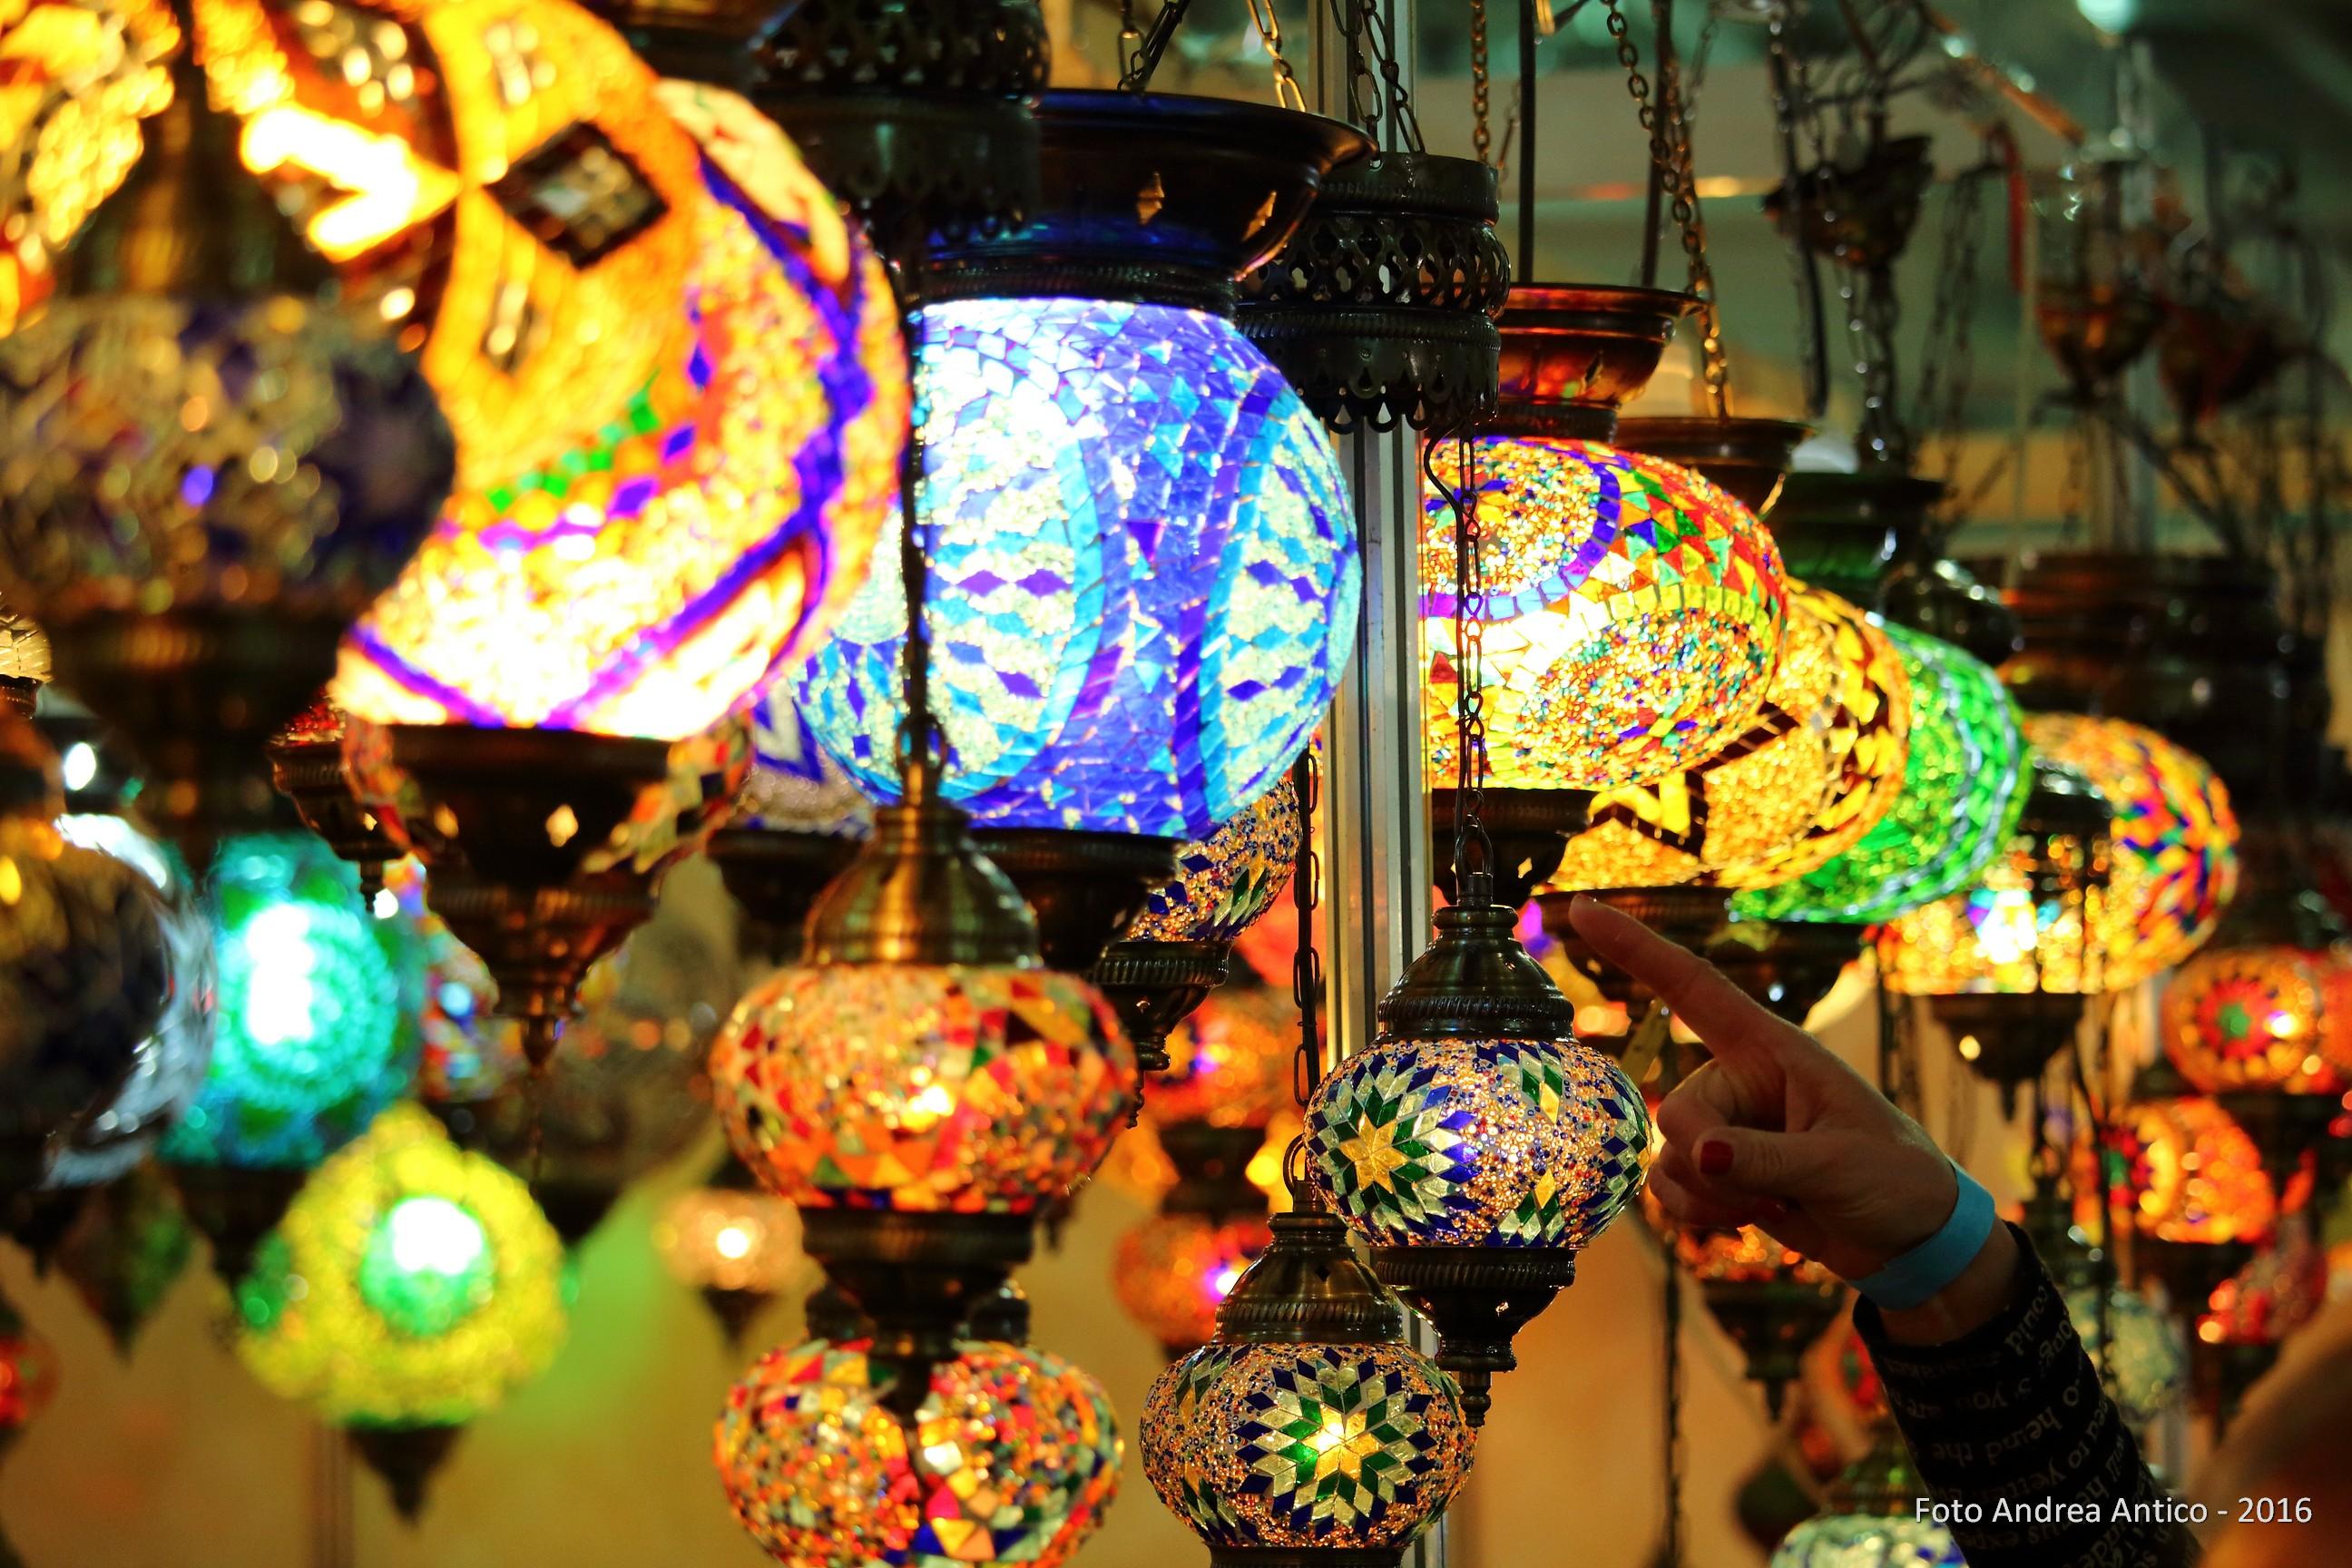 Sfondi : città notte lampada africa giusto leggero colori